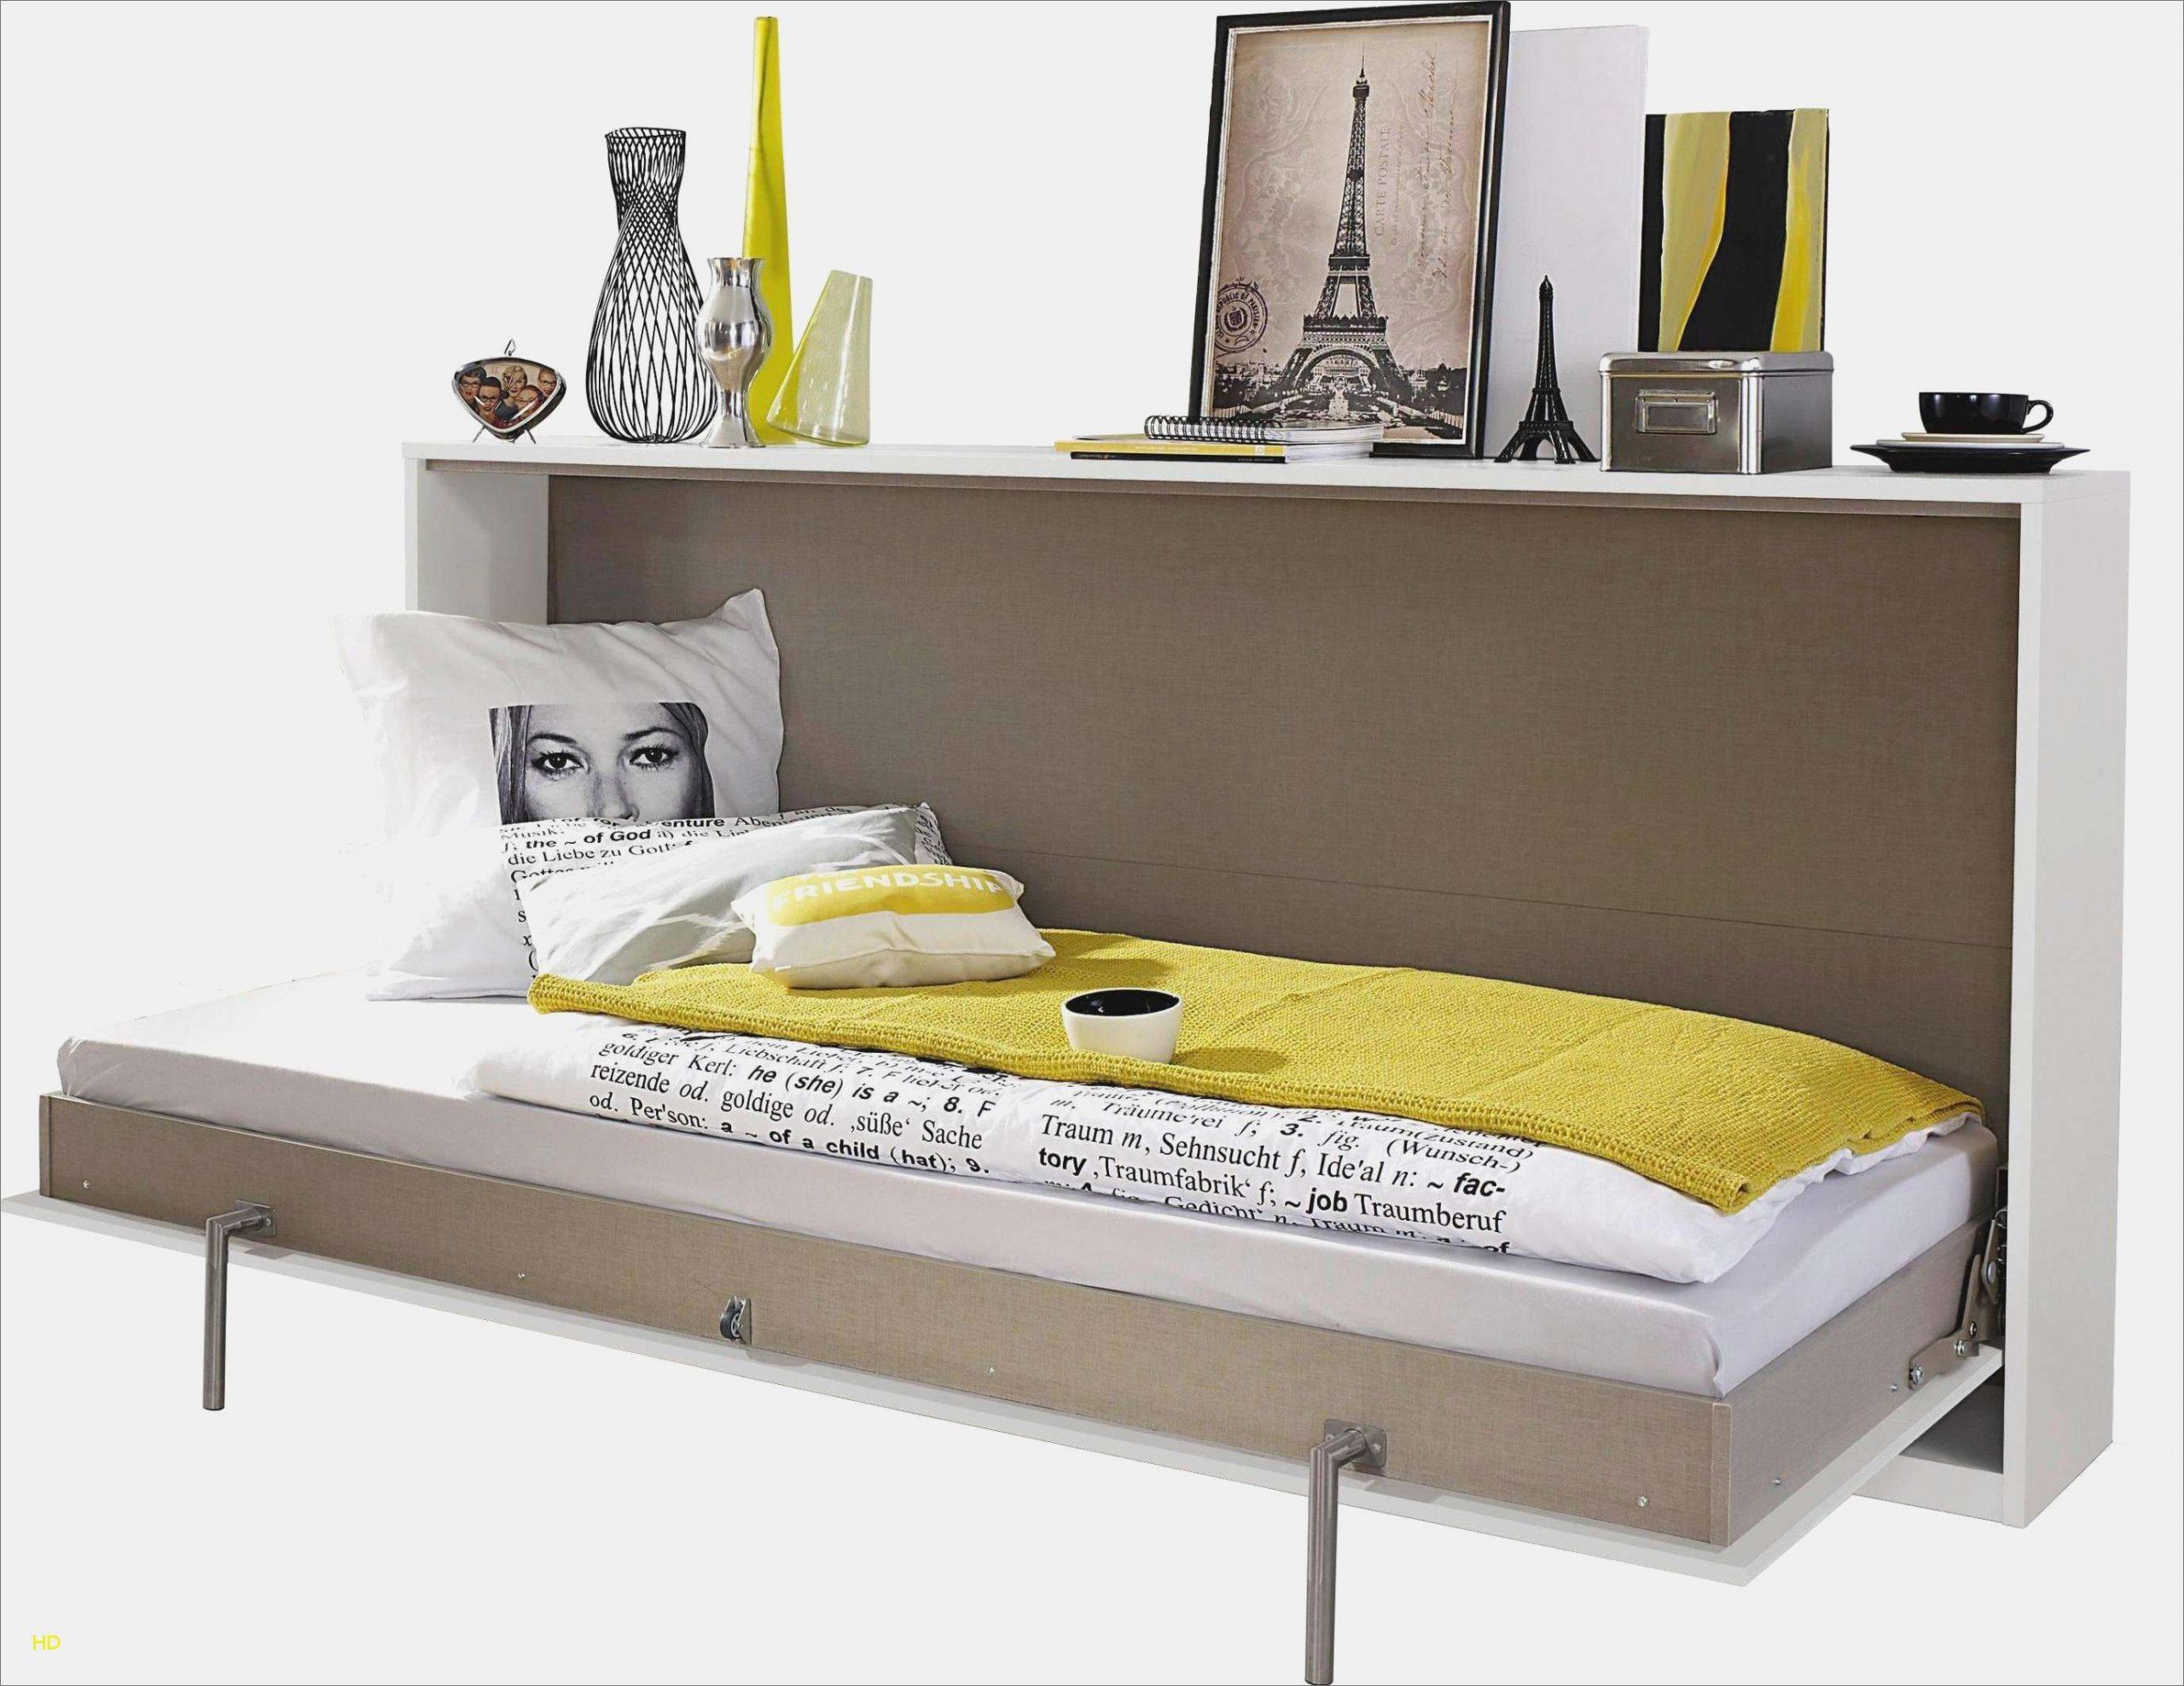 Full Size of Luxus Betten Mbel Boss Aachen 20 Luxury Interior Design überlänge De Rauch 180x200 Landhausstil 200x200 Mit Schubladen Somnus Massivholz Amazon Coole 120x200 Bett Luxus Betten